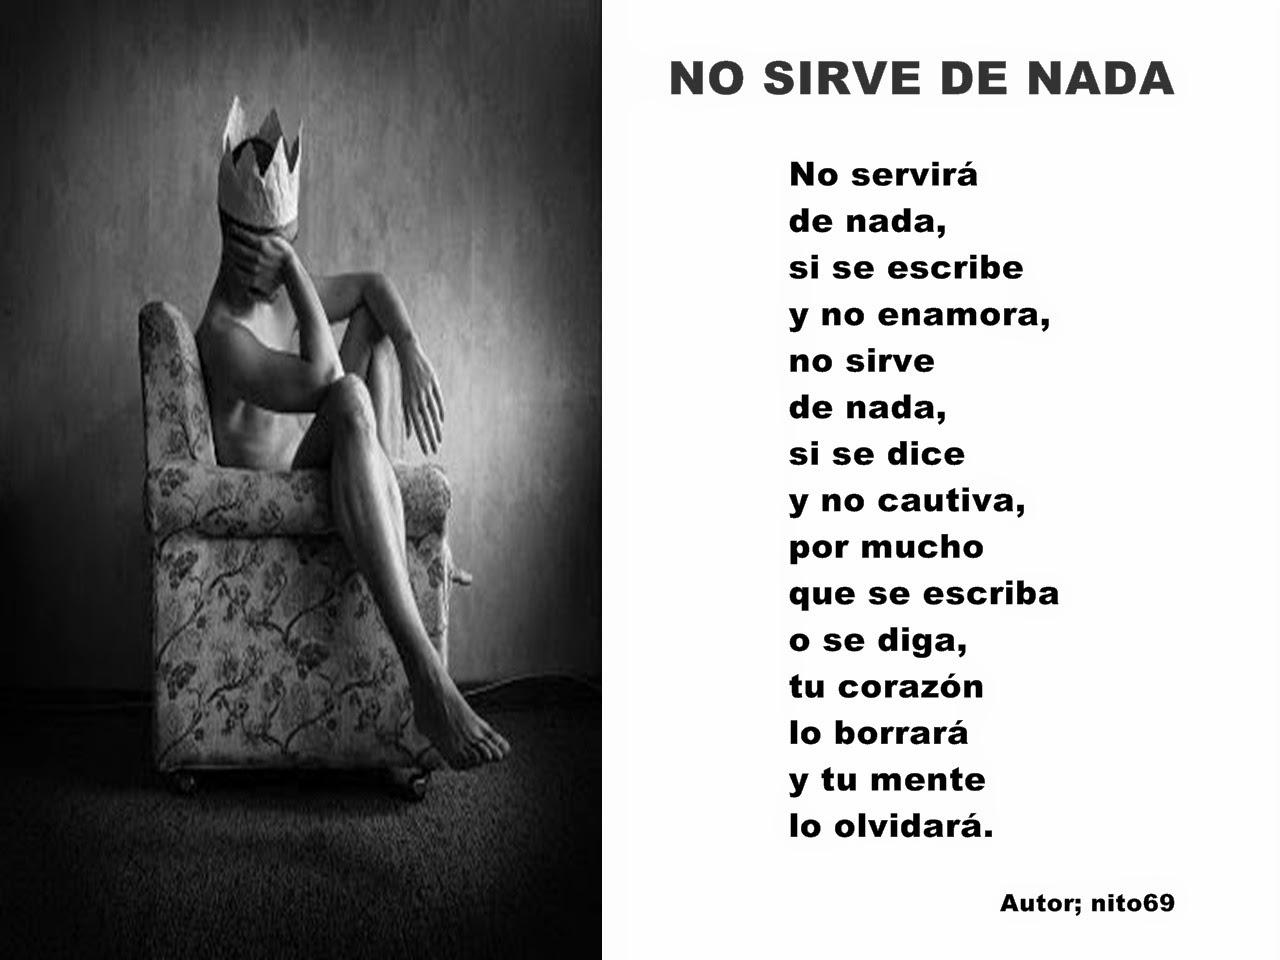 NO SIRVE DE NADA